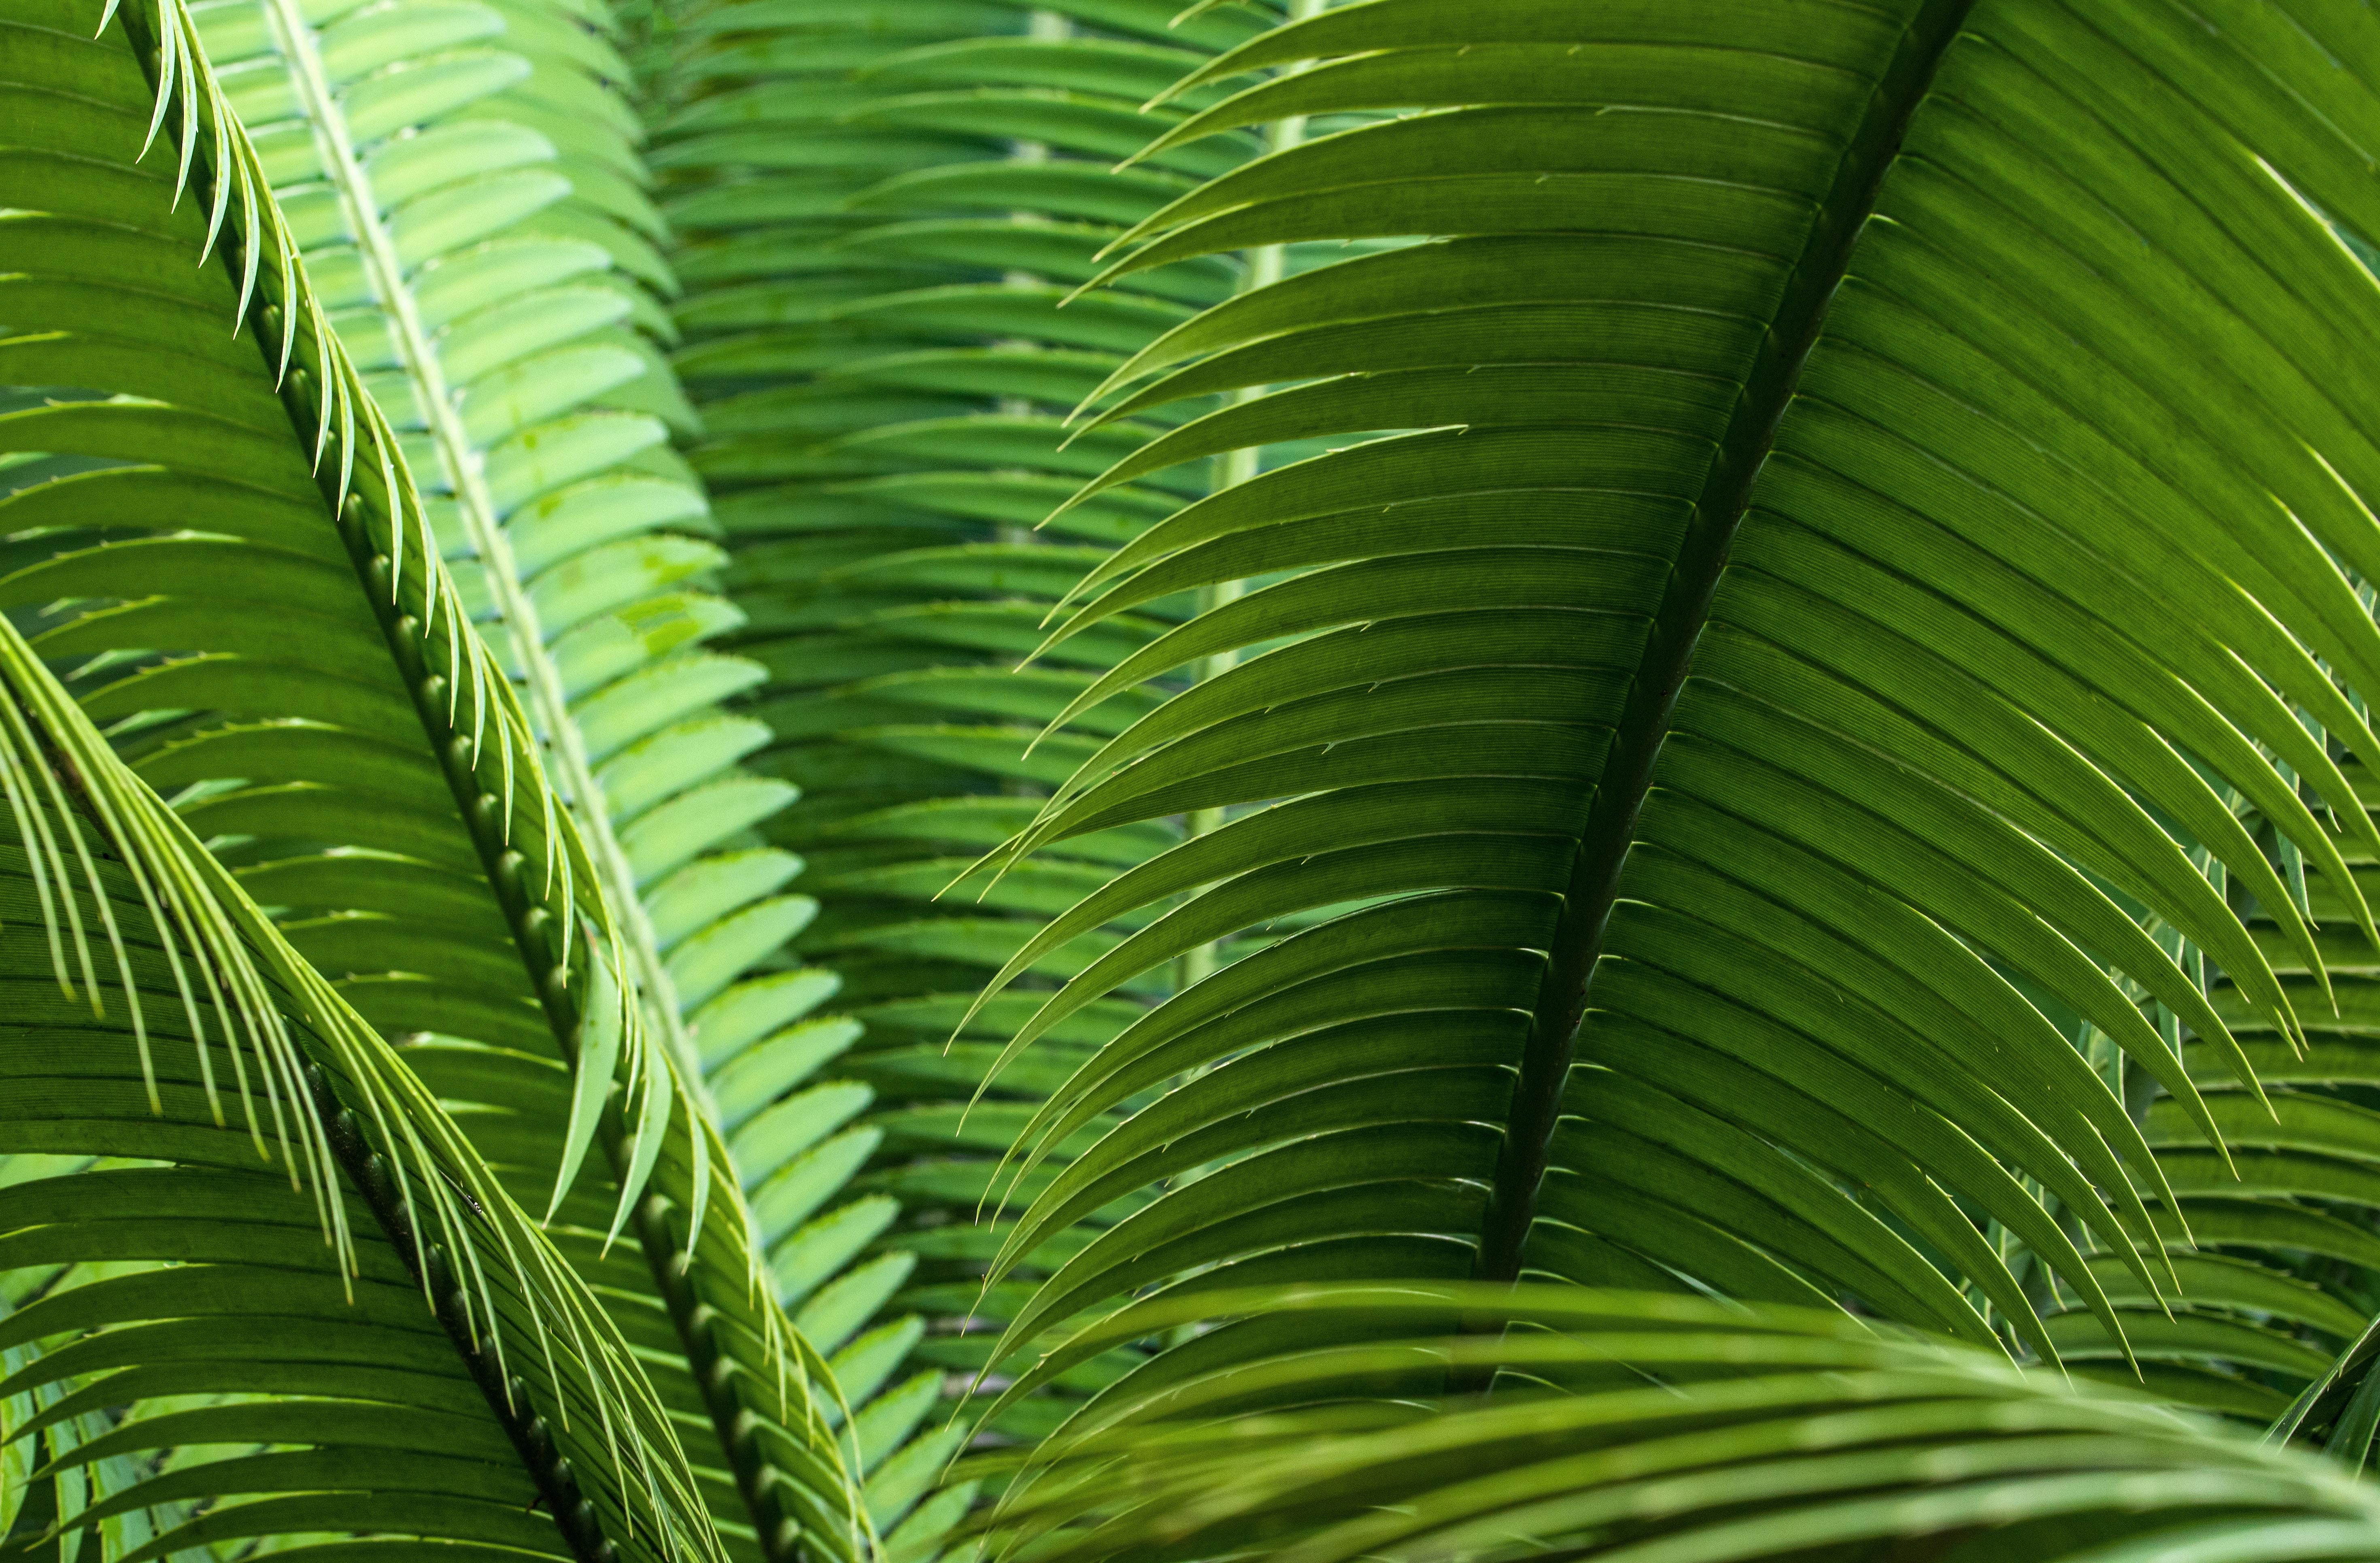 101592 скачать обои Макро, Листья, Растение, Зеленый, Крупным Планом - заставки и картинки бесплатно